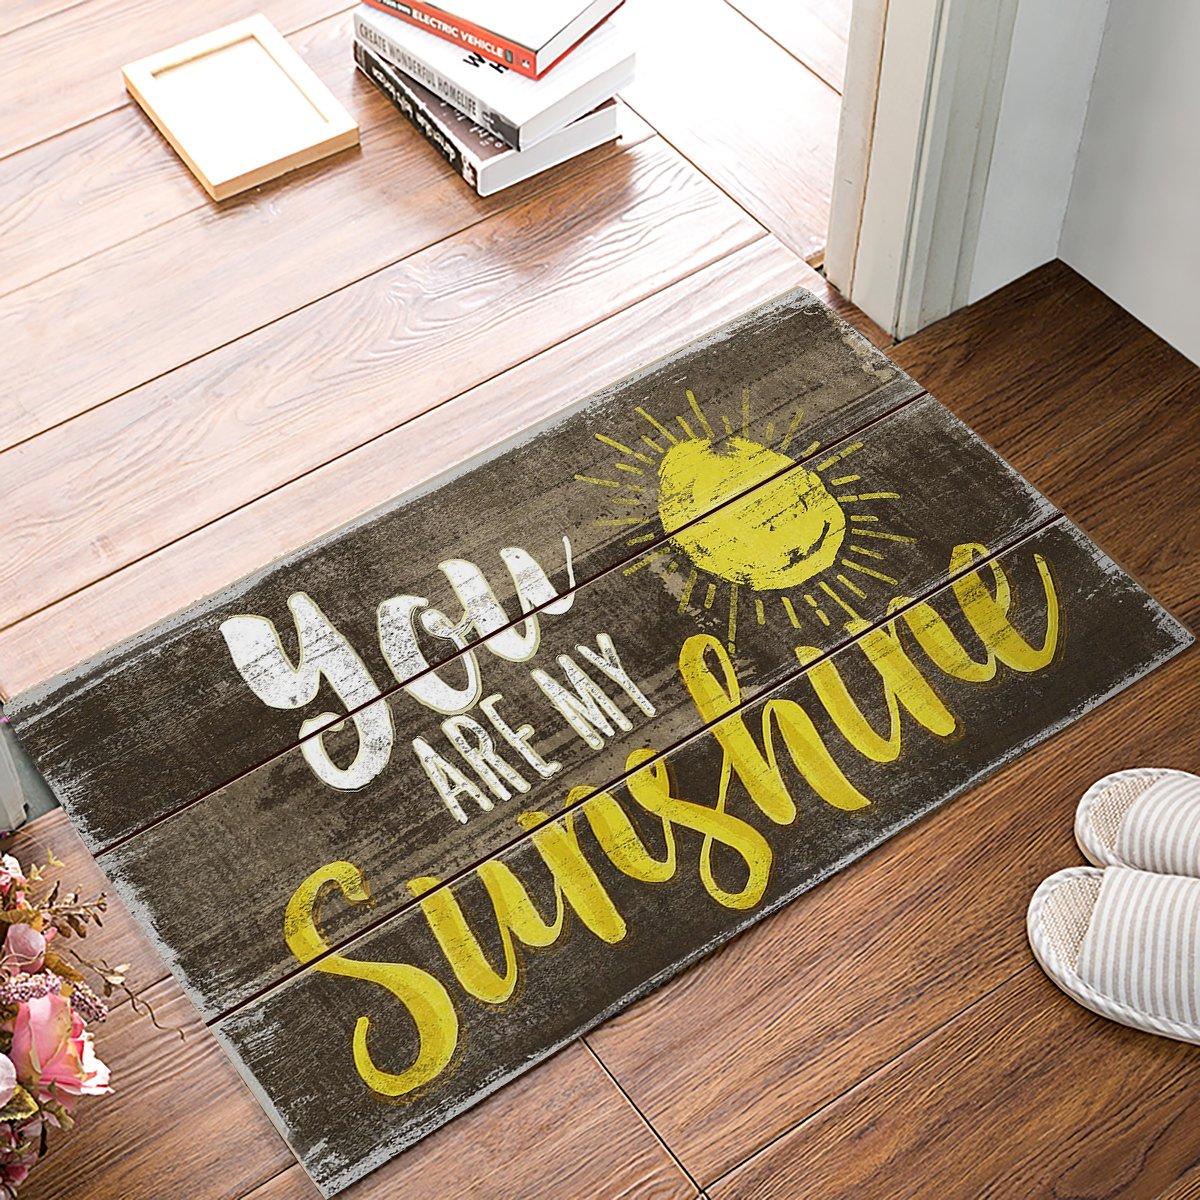 SIGOUYI Funny Welcome Door Mats Non-Slip Rubber Entrance Rug Floor Mats Shoe Scraper Doormat for Front Door/Indoor 32x20inch You are My Sunshine Rustic Old Barn Wood